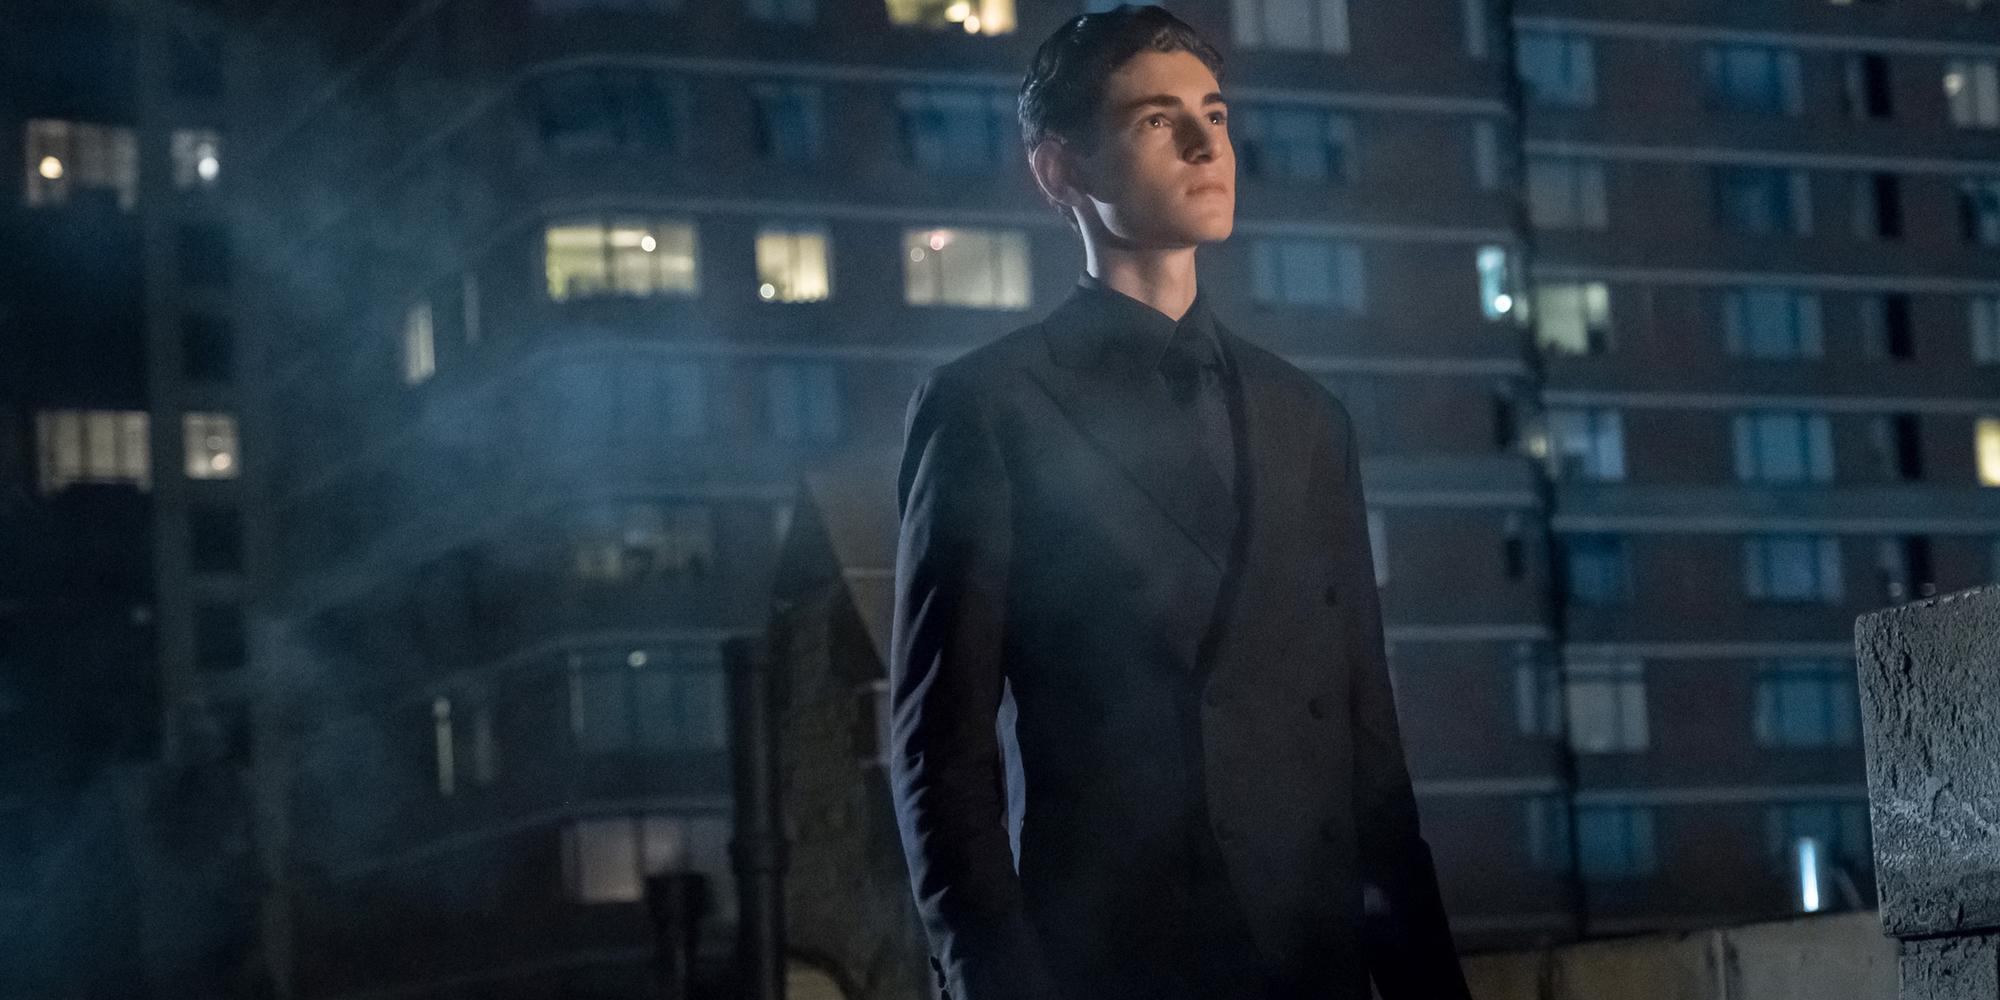 David Mazouz in Gotham Season 4 Episode 1